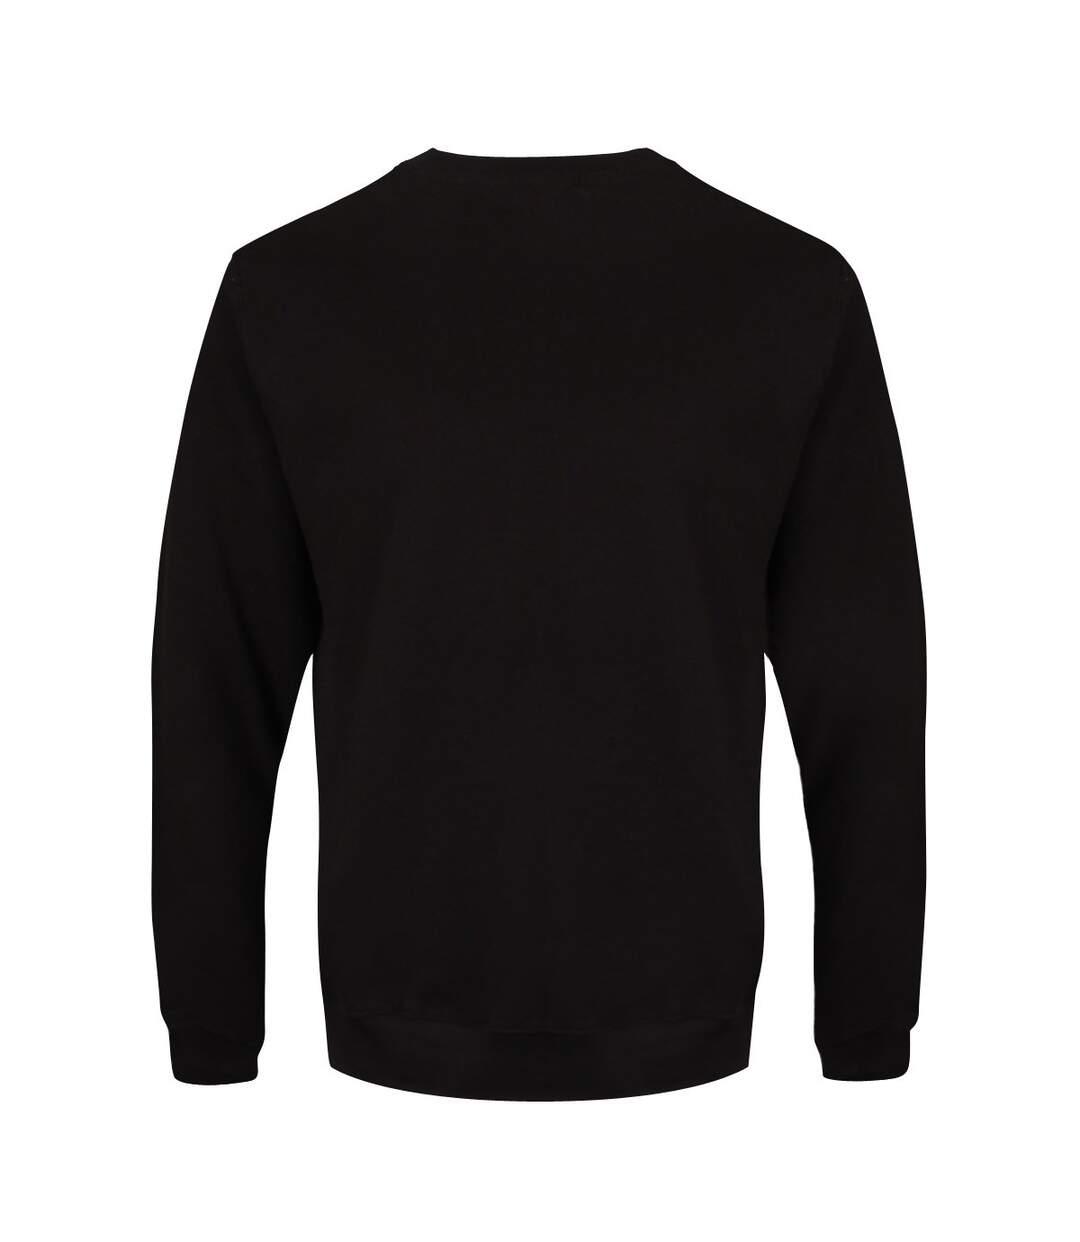 Grindstore Mens Satan Cross Sweatshirt (Black) - UTGR3284